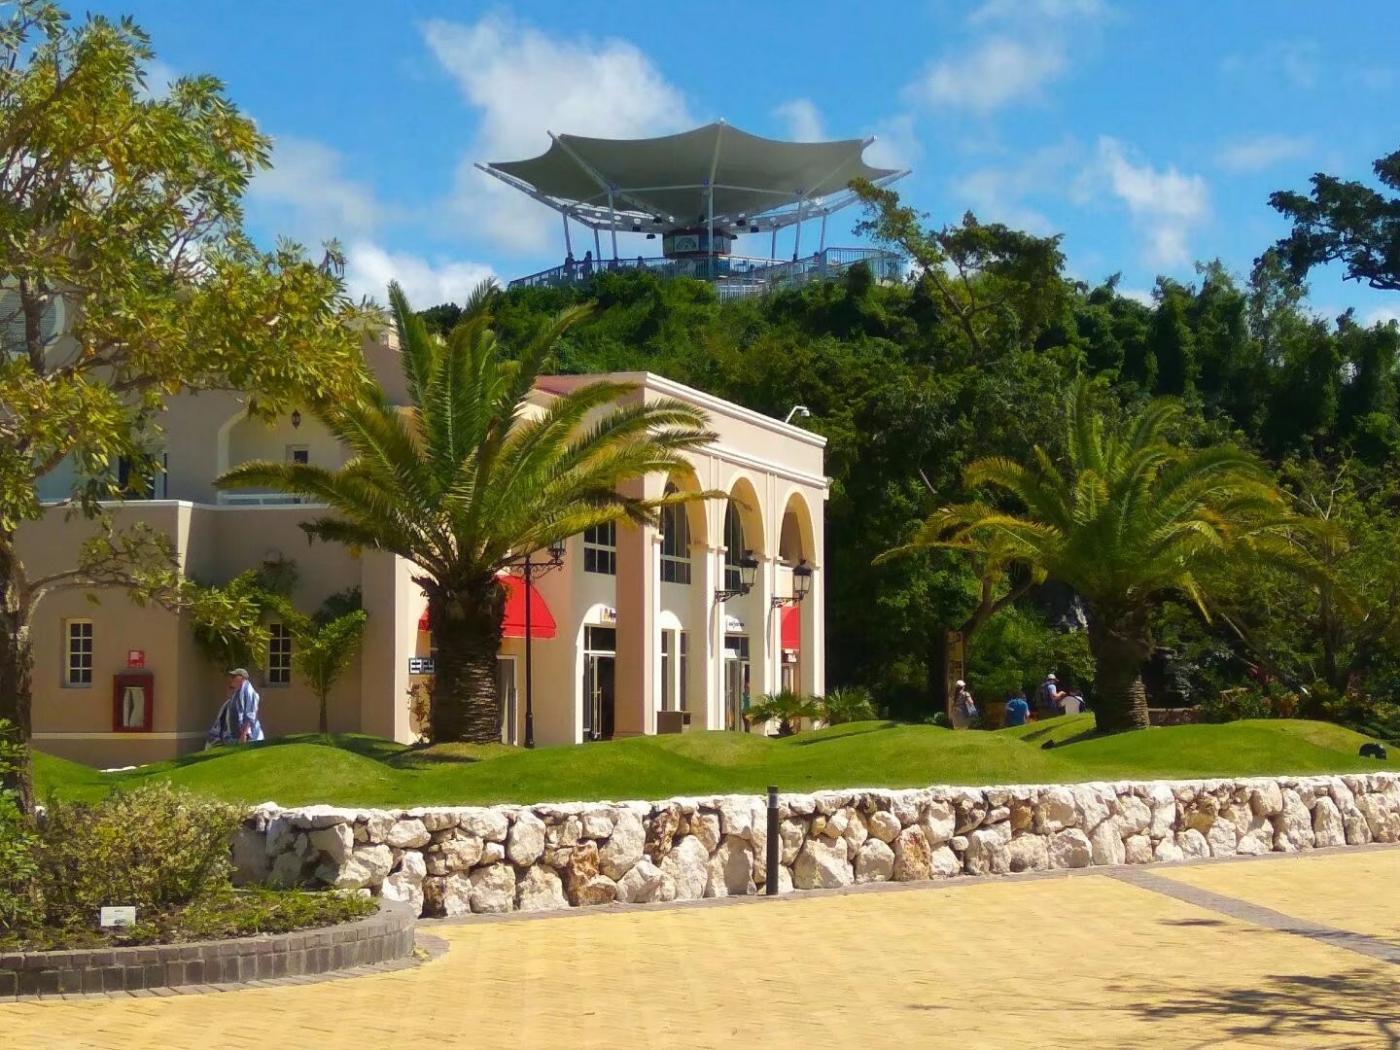 多米尼加有个琥珀湾(图)_图1-20